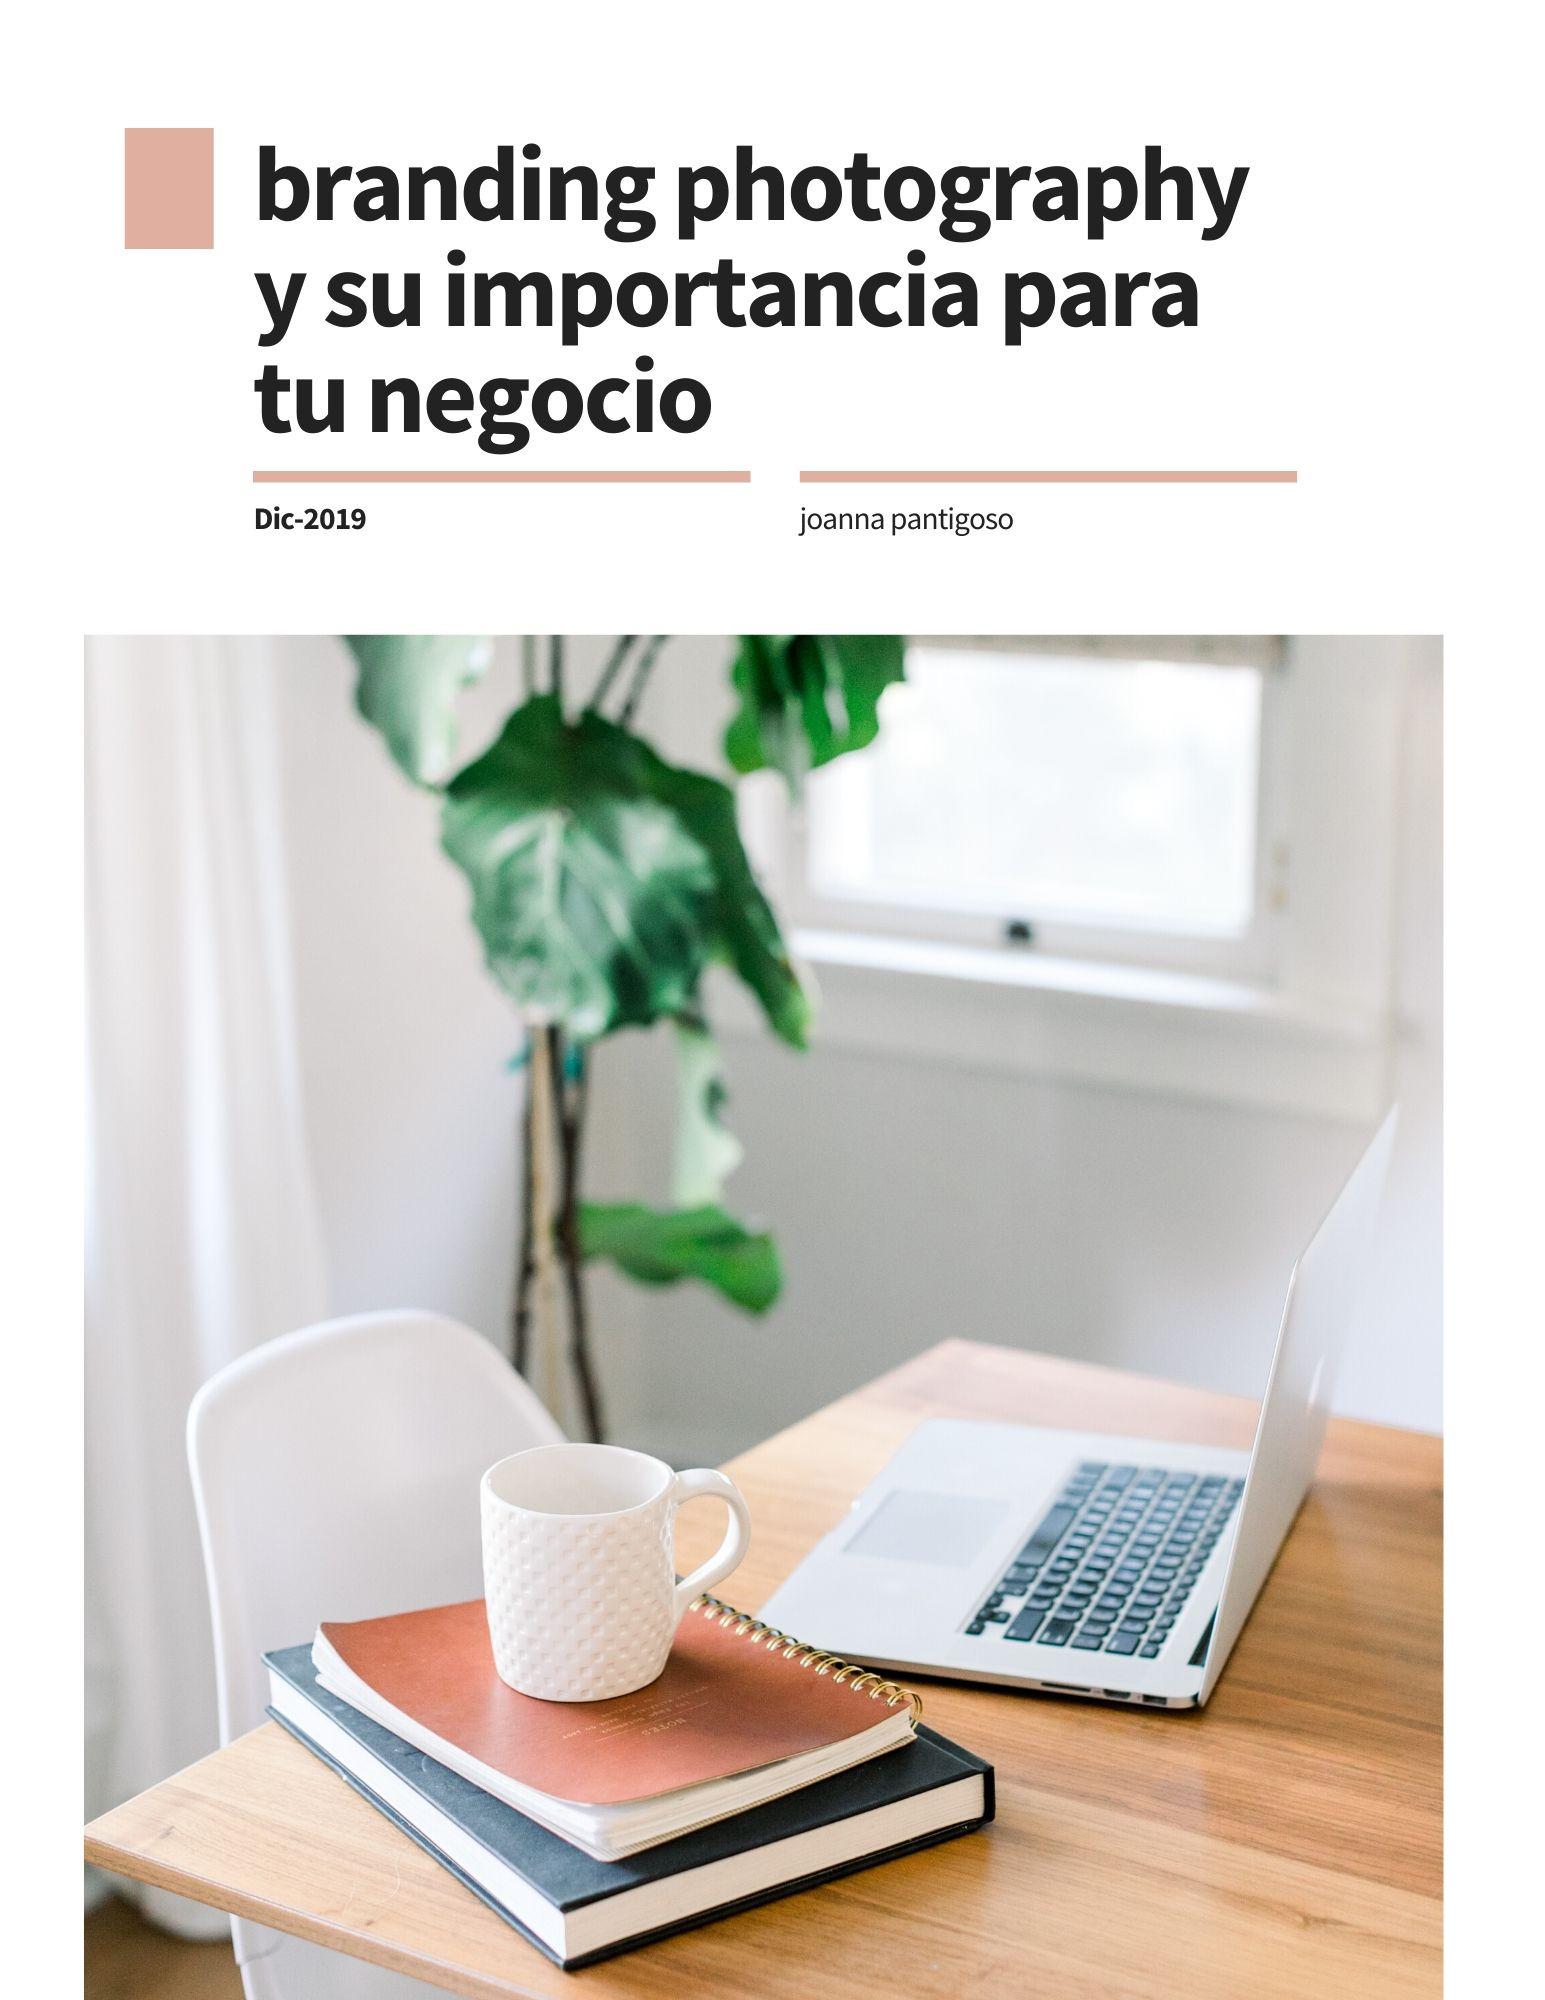 E-book Branding photography y su importancia para tu negocio